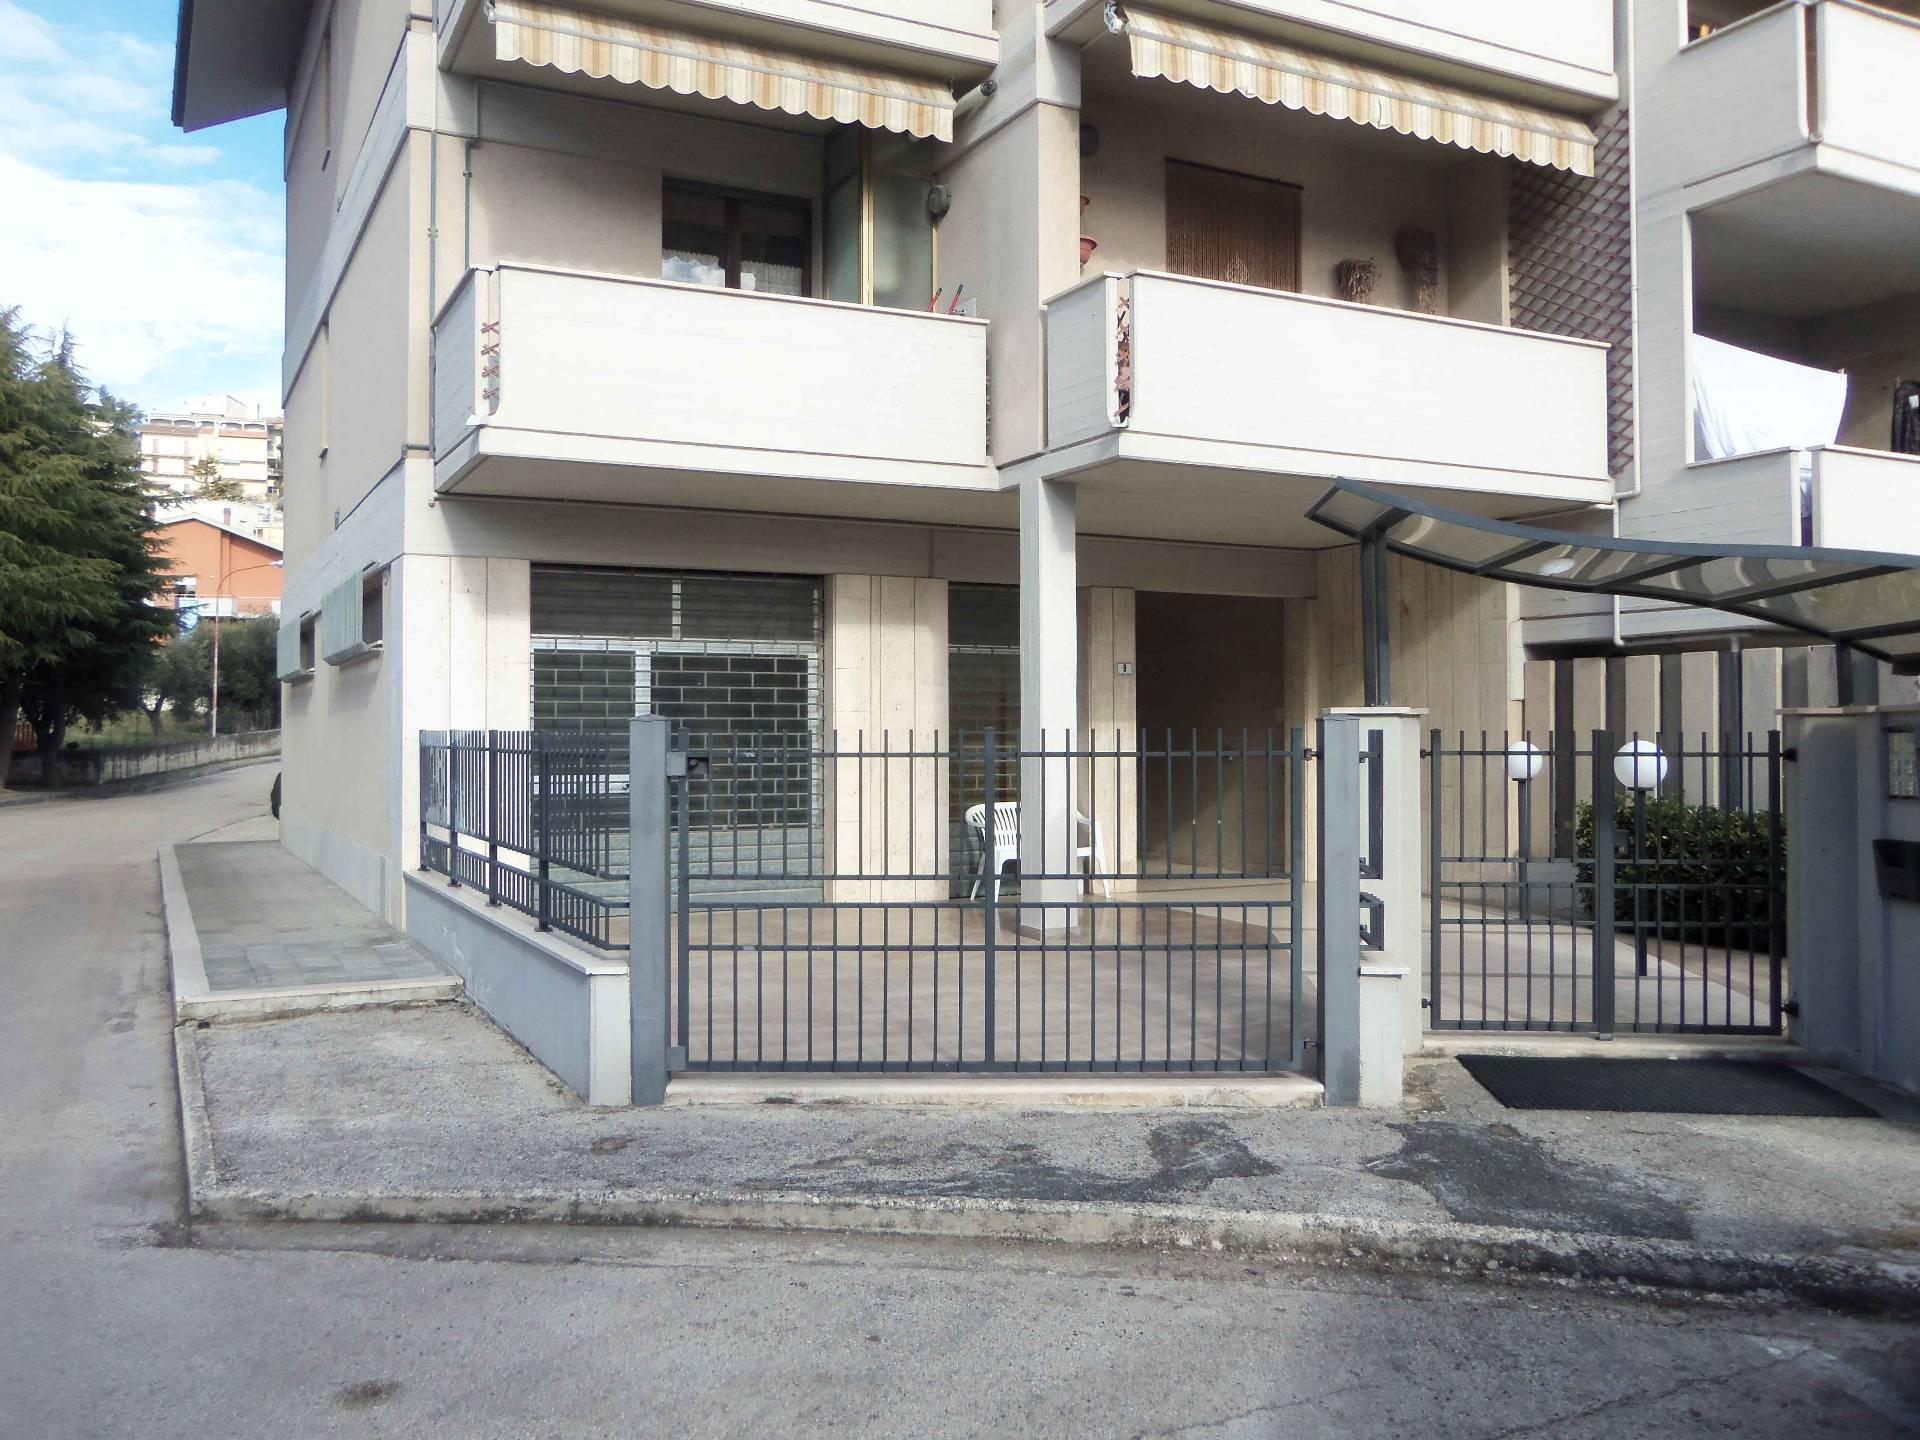 Laboratorio in vendita a Acquaviva Picena, 9999 locali, zona Località: Residenziale, prezzo € 55.000 | Cambio Casa.it